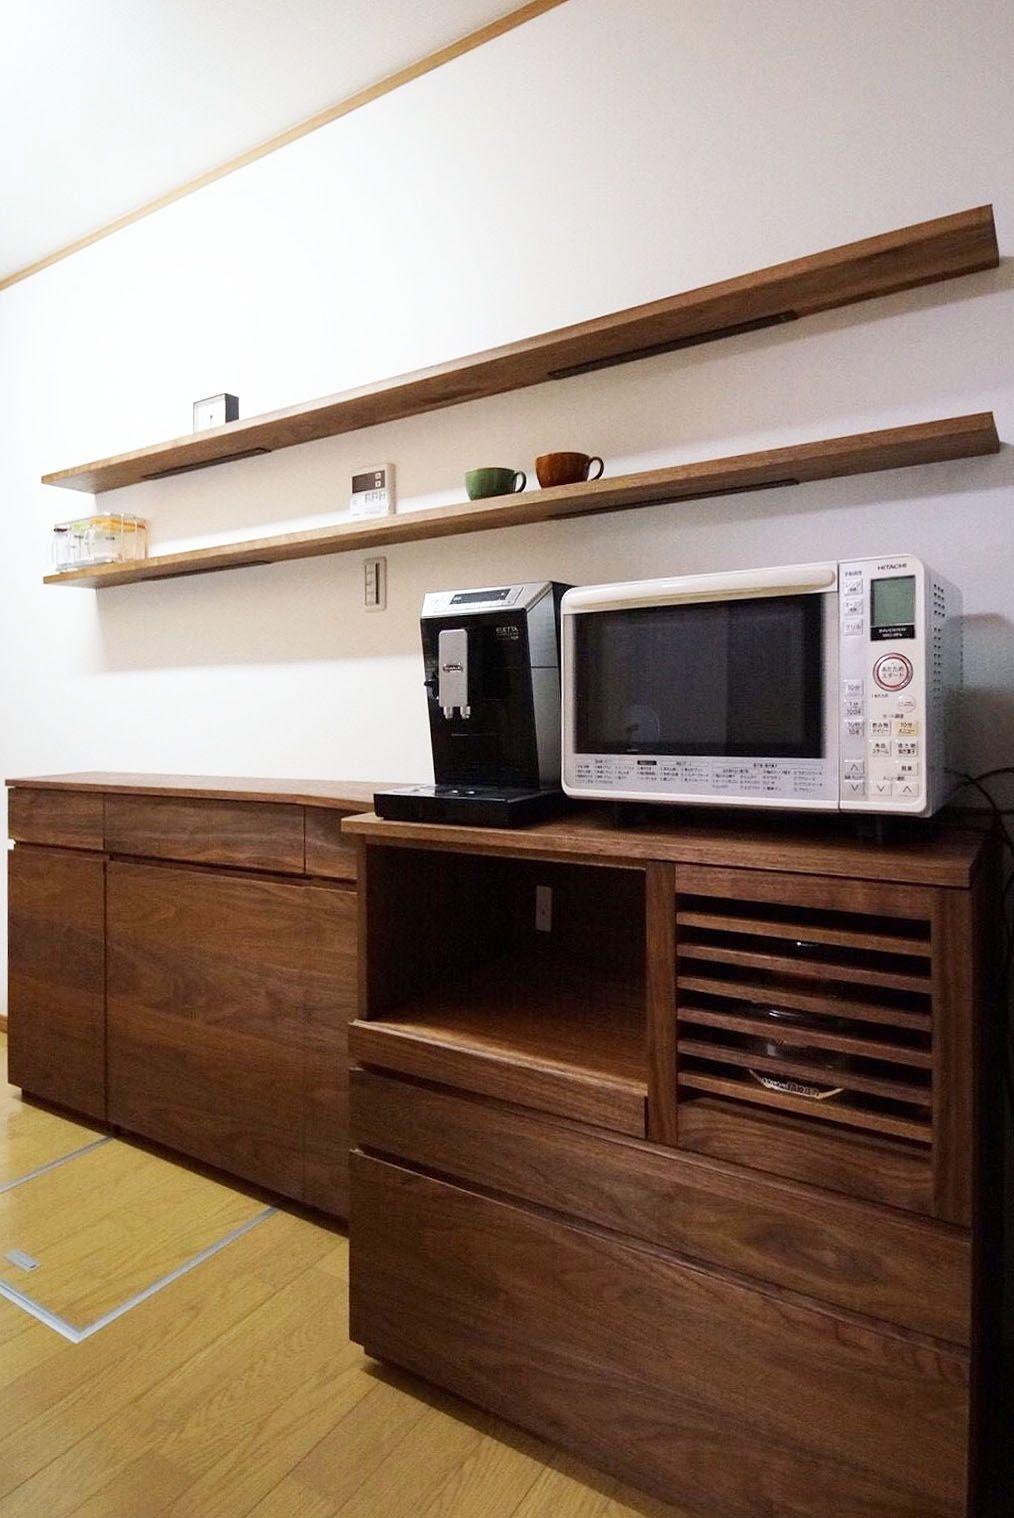 オーダー家具 食器棚カップボード 関西 京都 カップボード 食器棚 家具